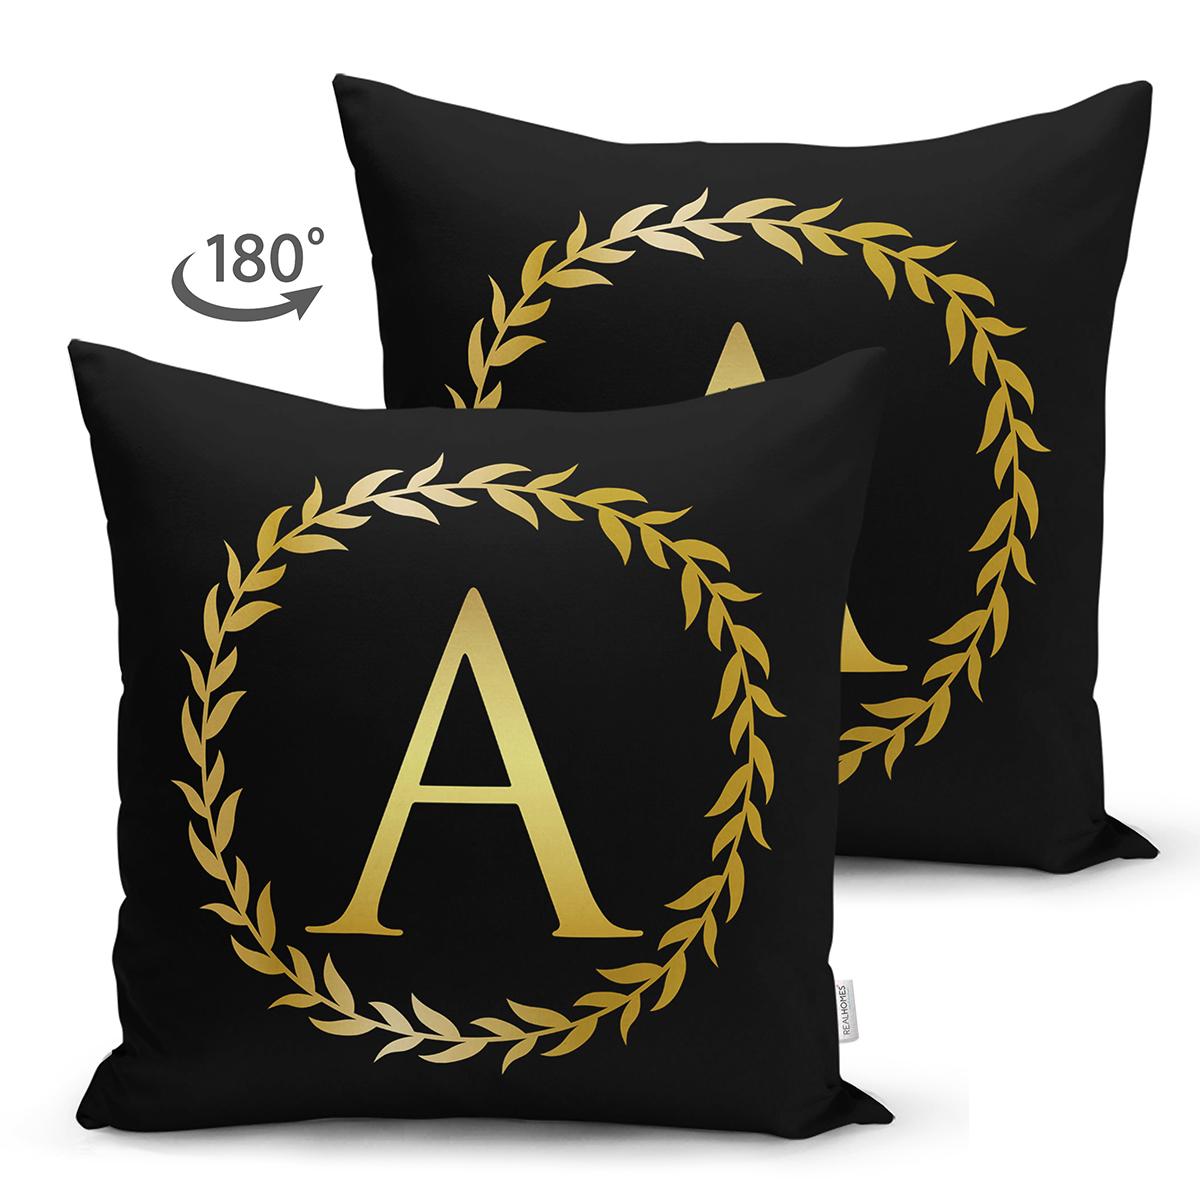 Siyah Zemin Gold Yaprak Çerçeveli A Harfi Özel Tasarım Modern Suet Yastık Kırlent Kılıfı Realhomes